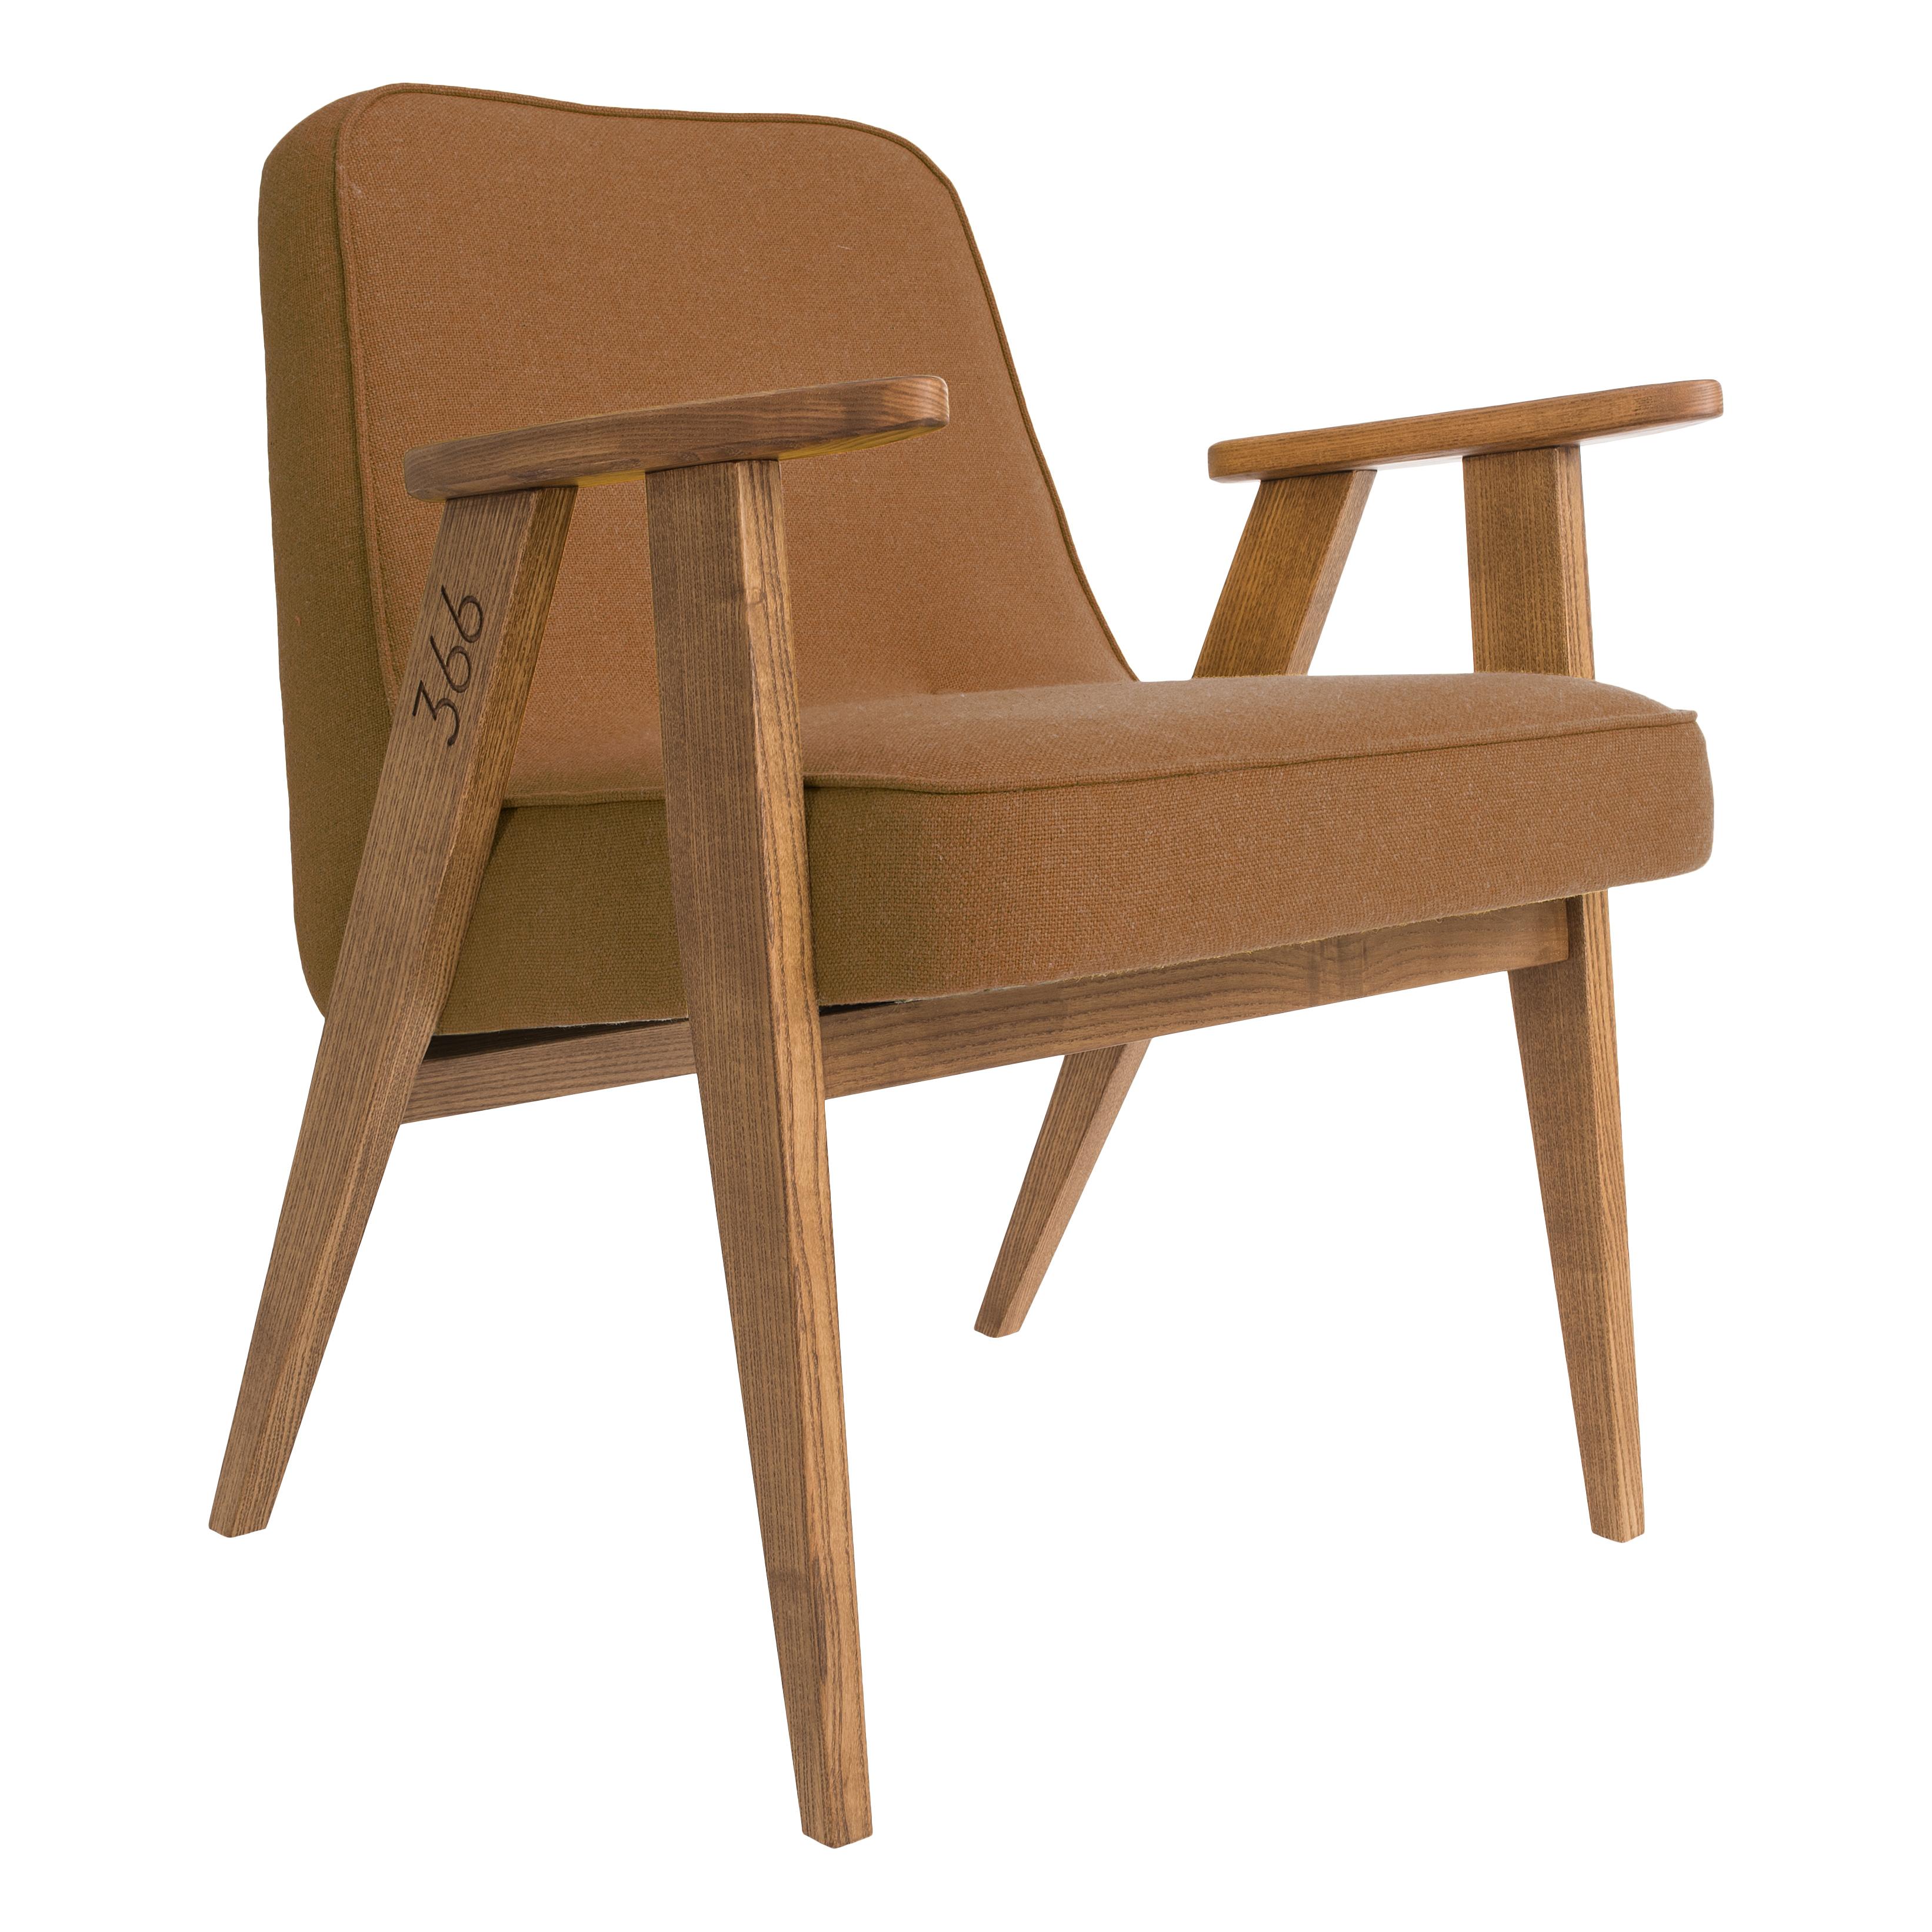 366_Concept_-_366_easy_chair_-_Wool_08_Orange_-_Oak